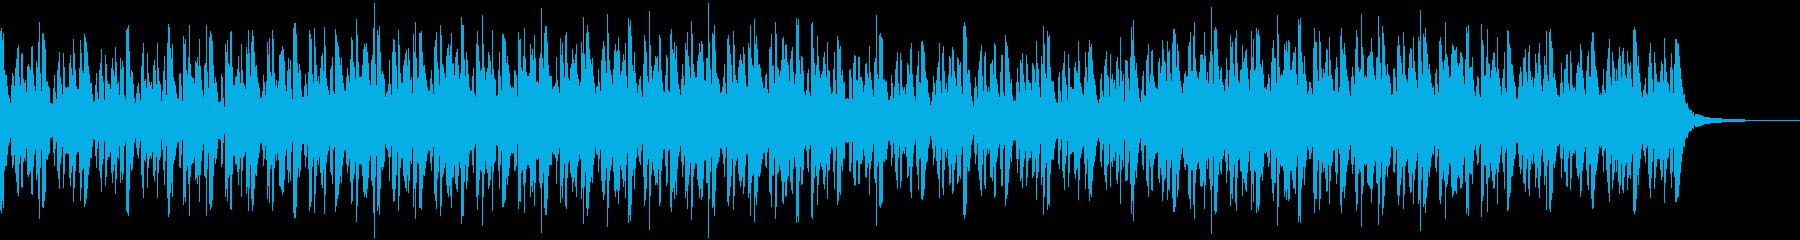 ミステリアスでダークなオーケストラの再生済みの波形